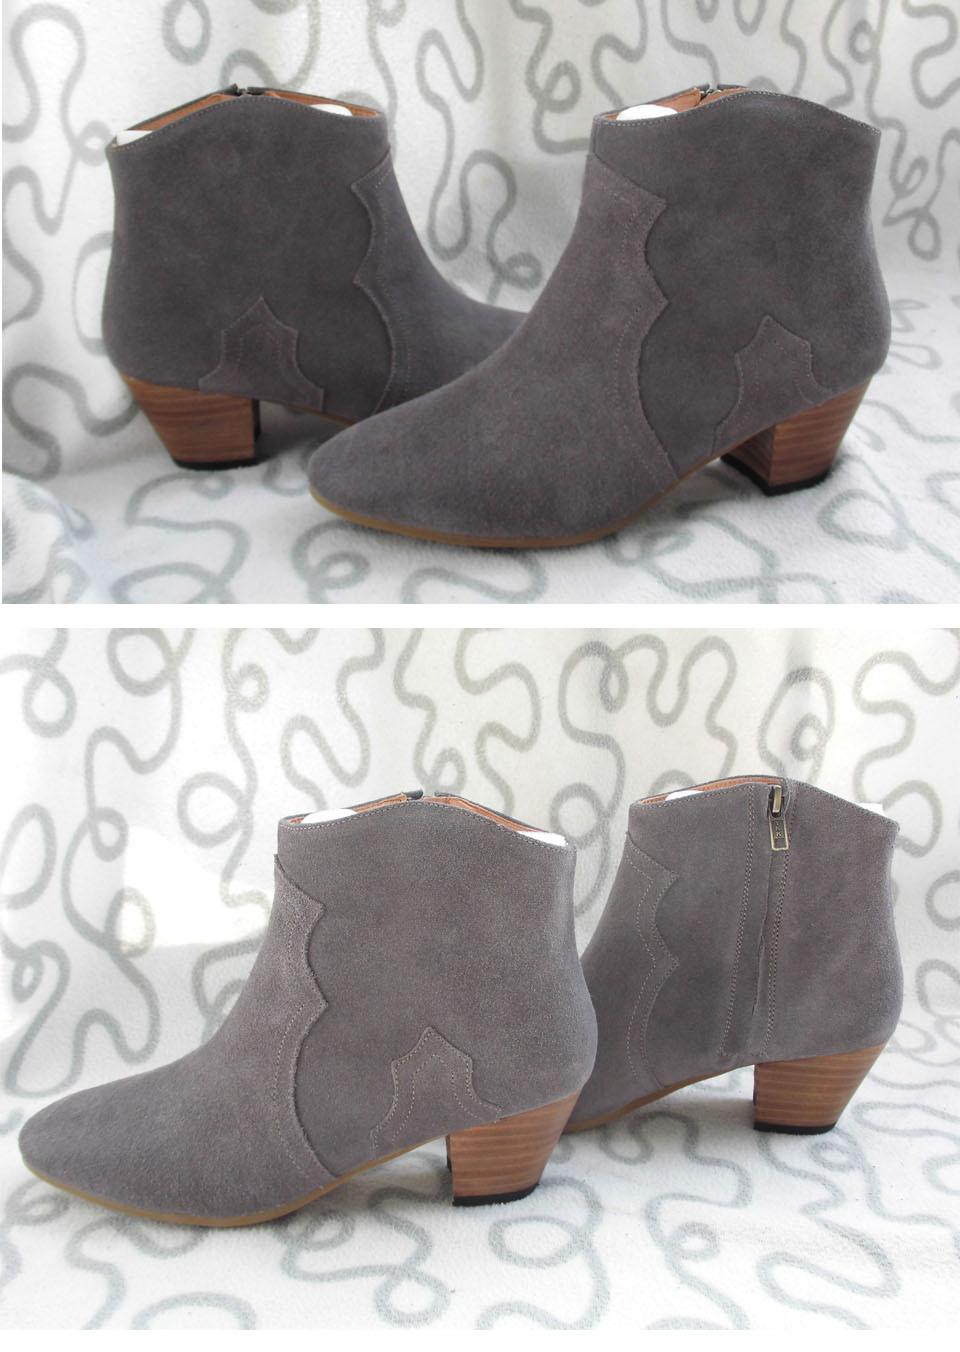 ซื้อ 2017ฤดูใบไม้ผลิ/ฤดูใบไม้ร่วงรองเท้าข้อเท้าสำหรับผู้หญิงขนาดกลางส้น100% Nubuckหนังแท้ข้อเท้าของผู้หญิงแฟชั่นบูตสั้นมาร์ตินรองเท้า